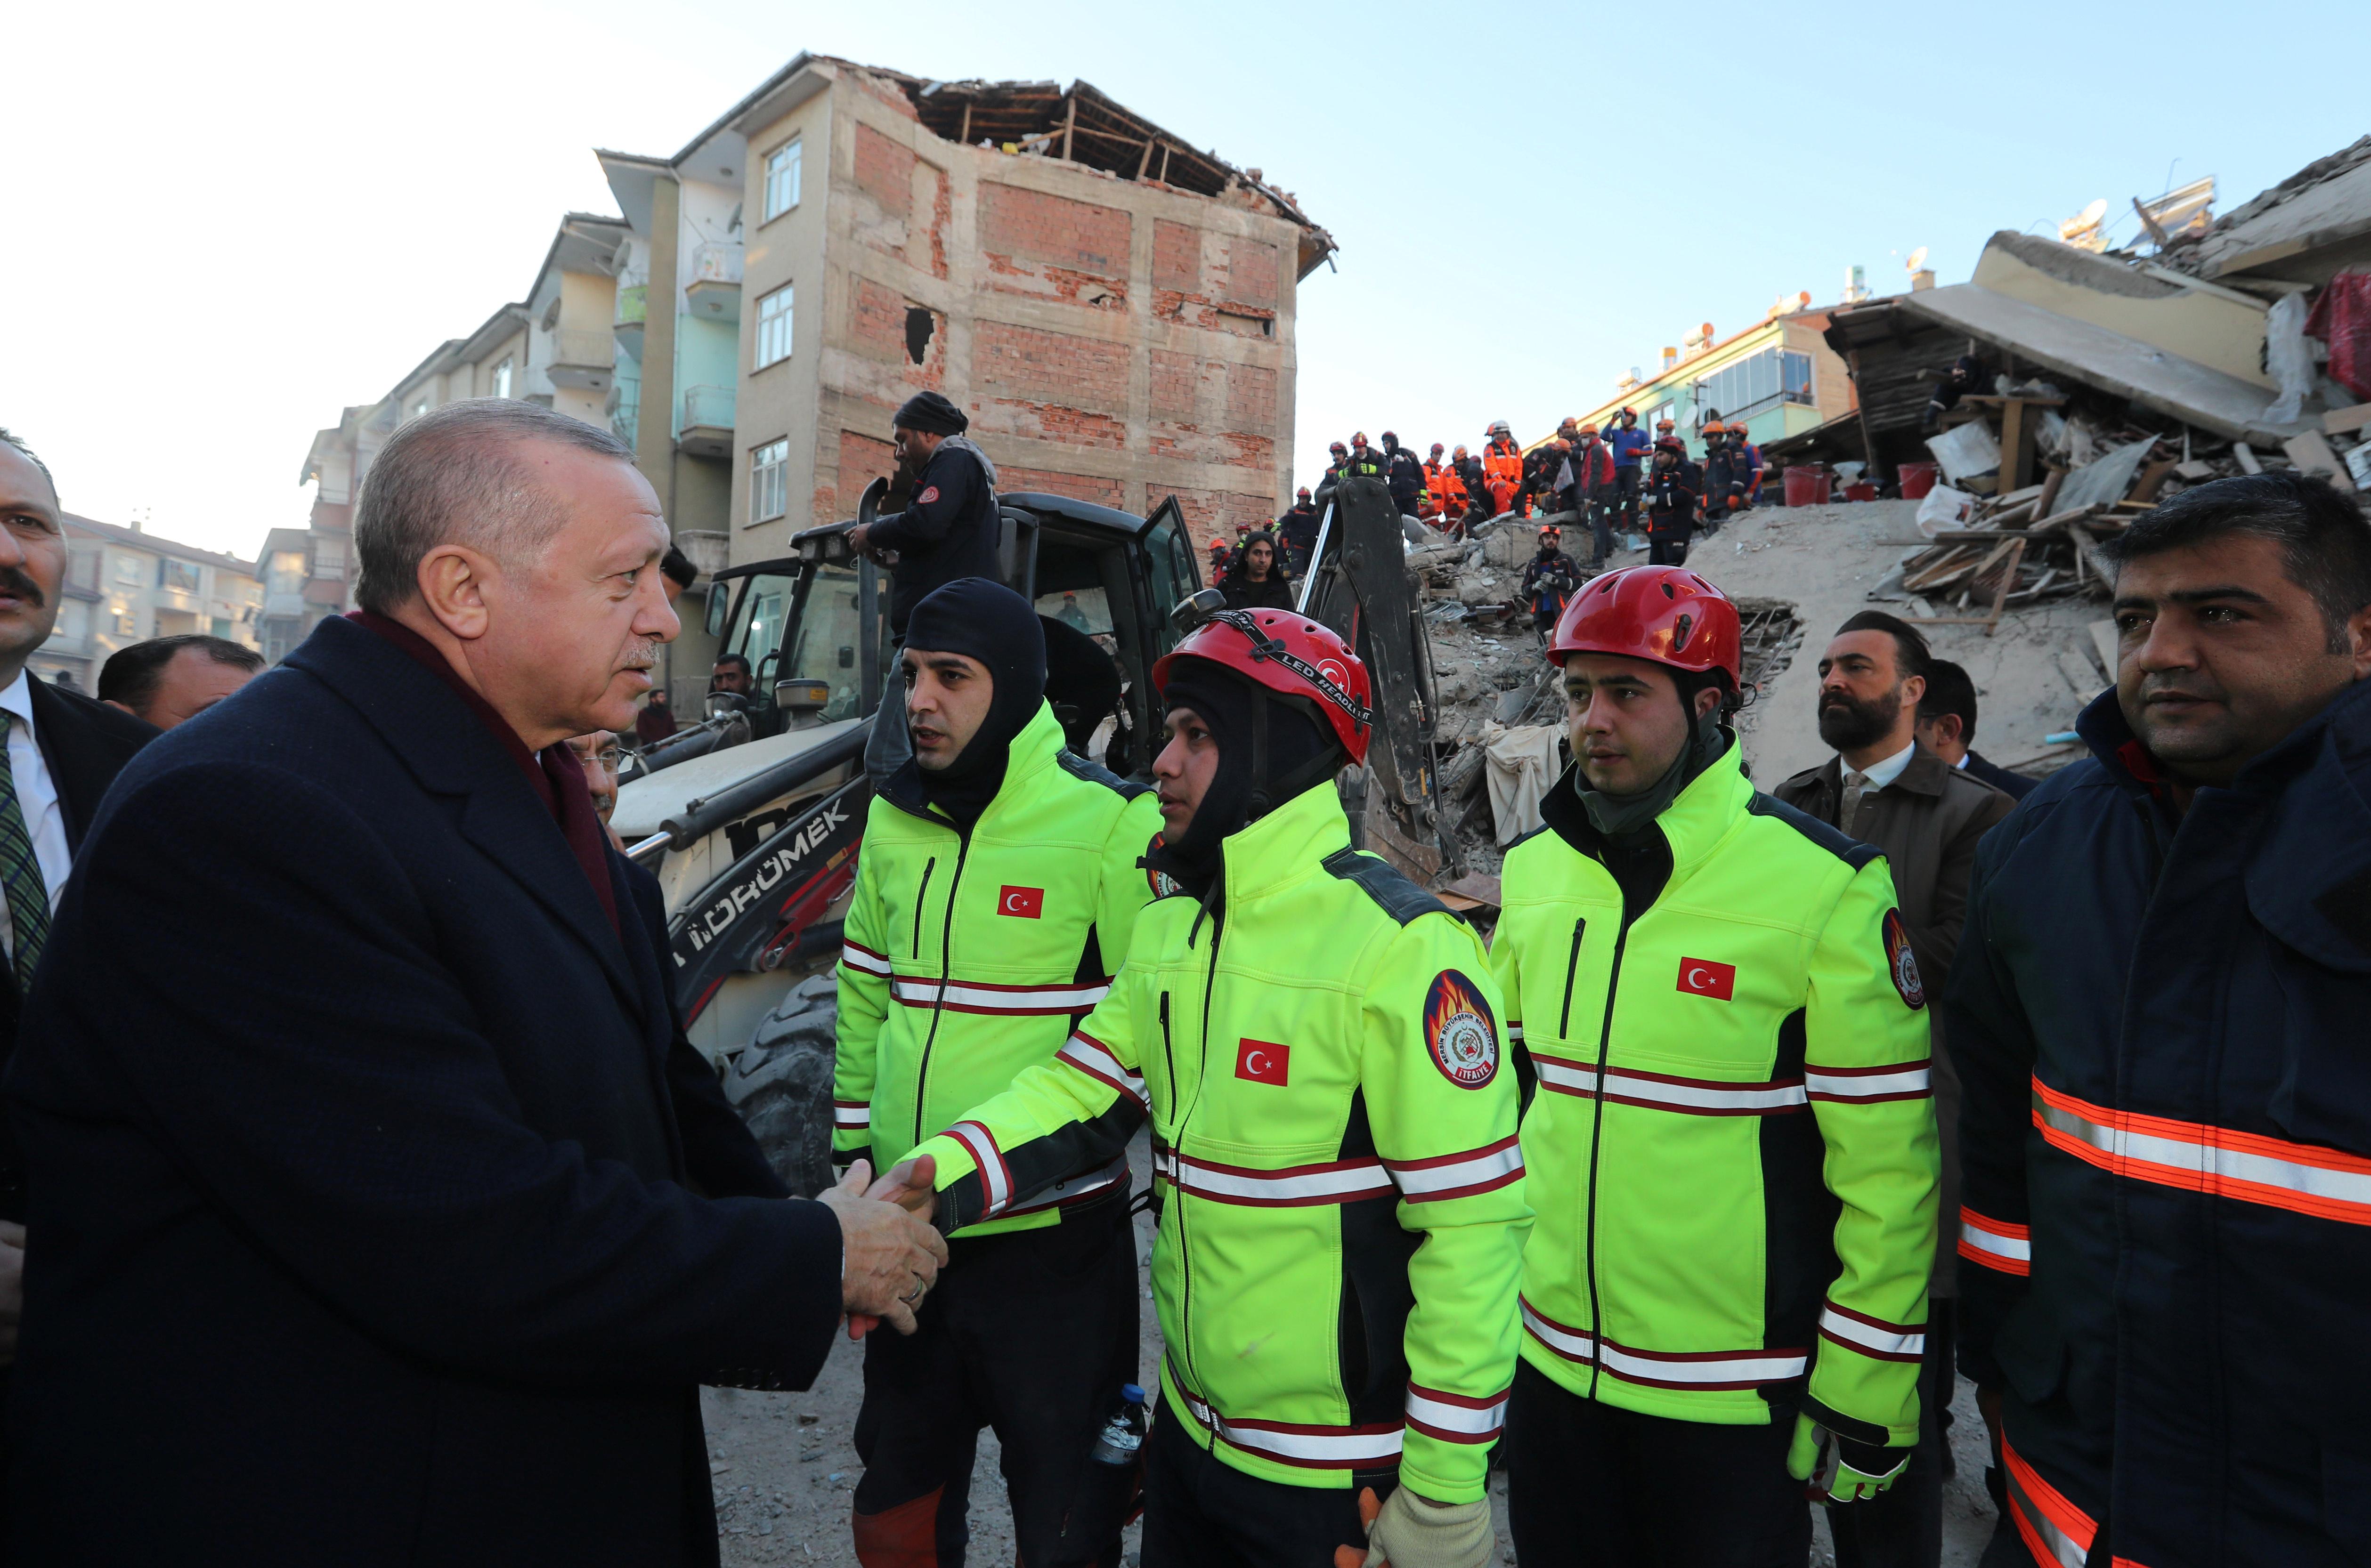 Σεισμός στην Τουρκία: 31 νεκροί, 1.607 τραυματίες